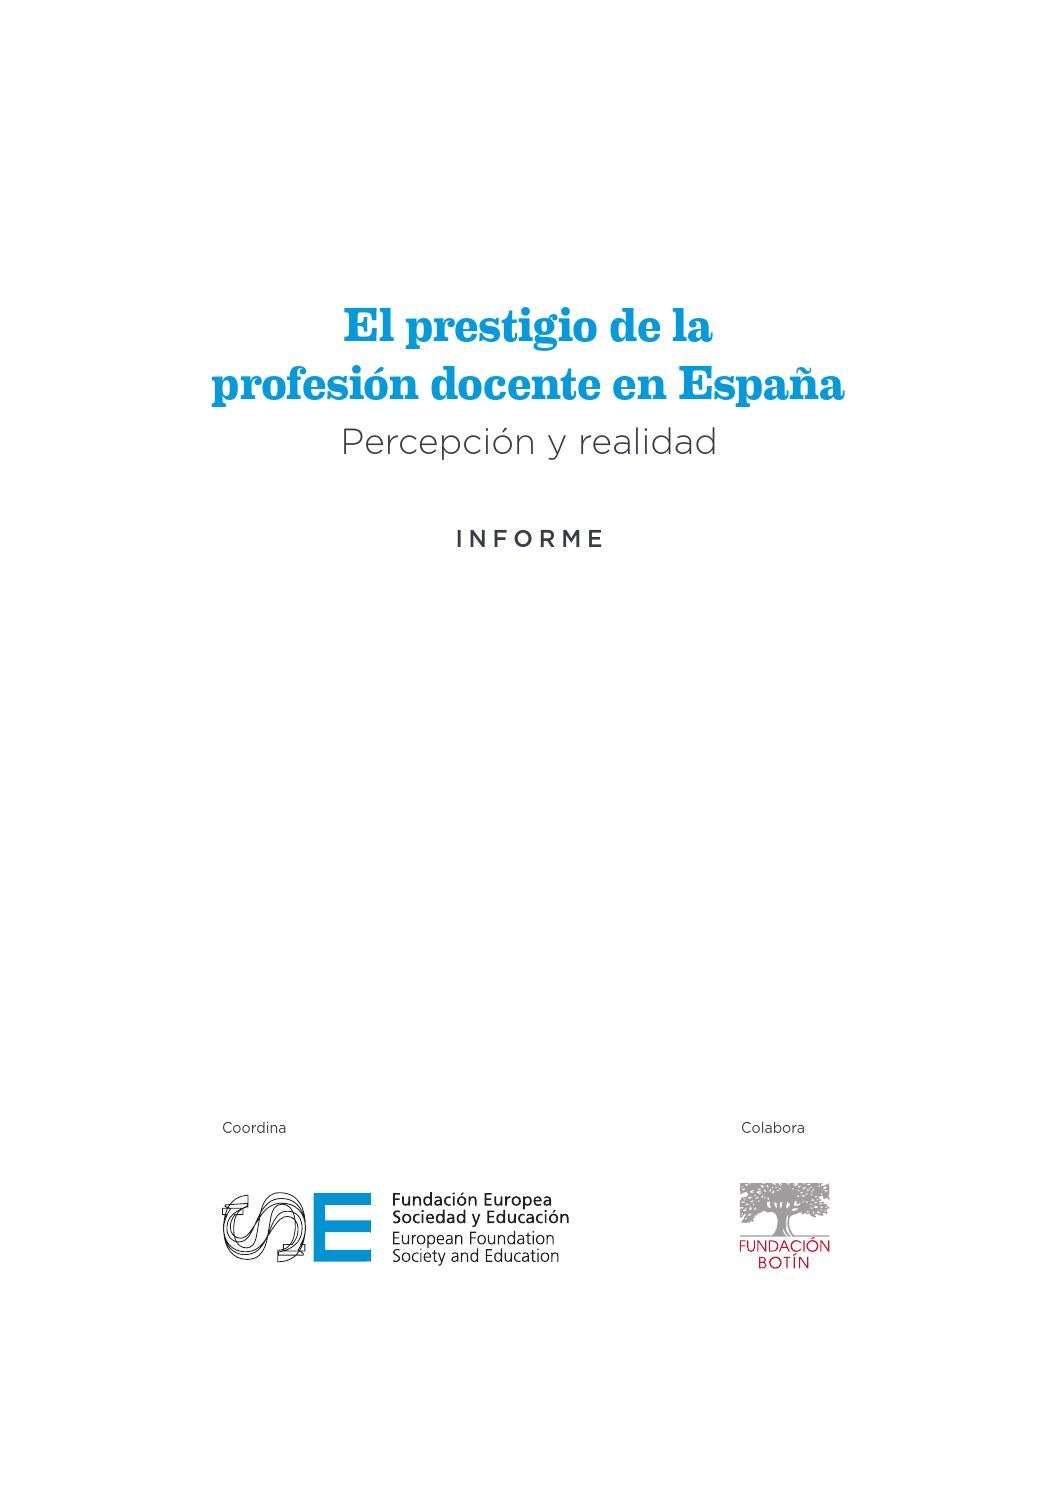 El prestigio de la profesión docente en España by FOMENTO DE CENTROS ...